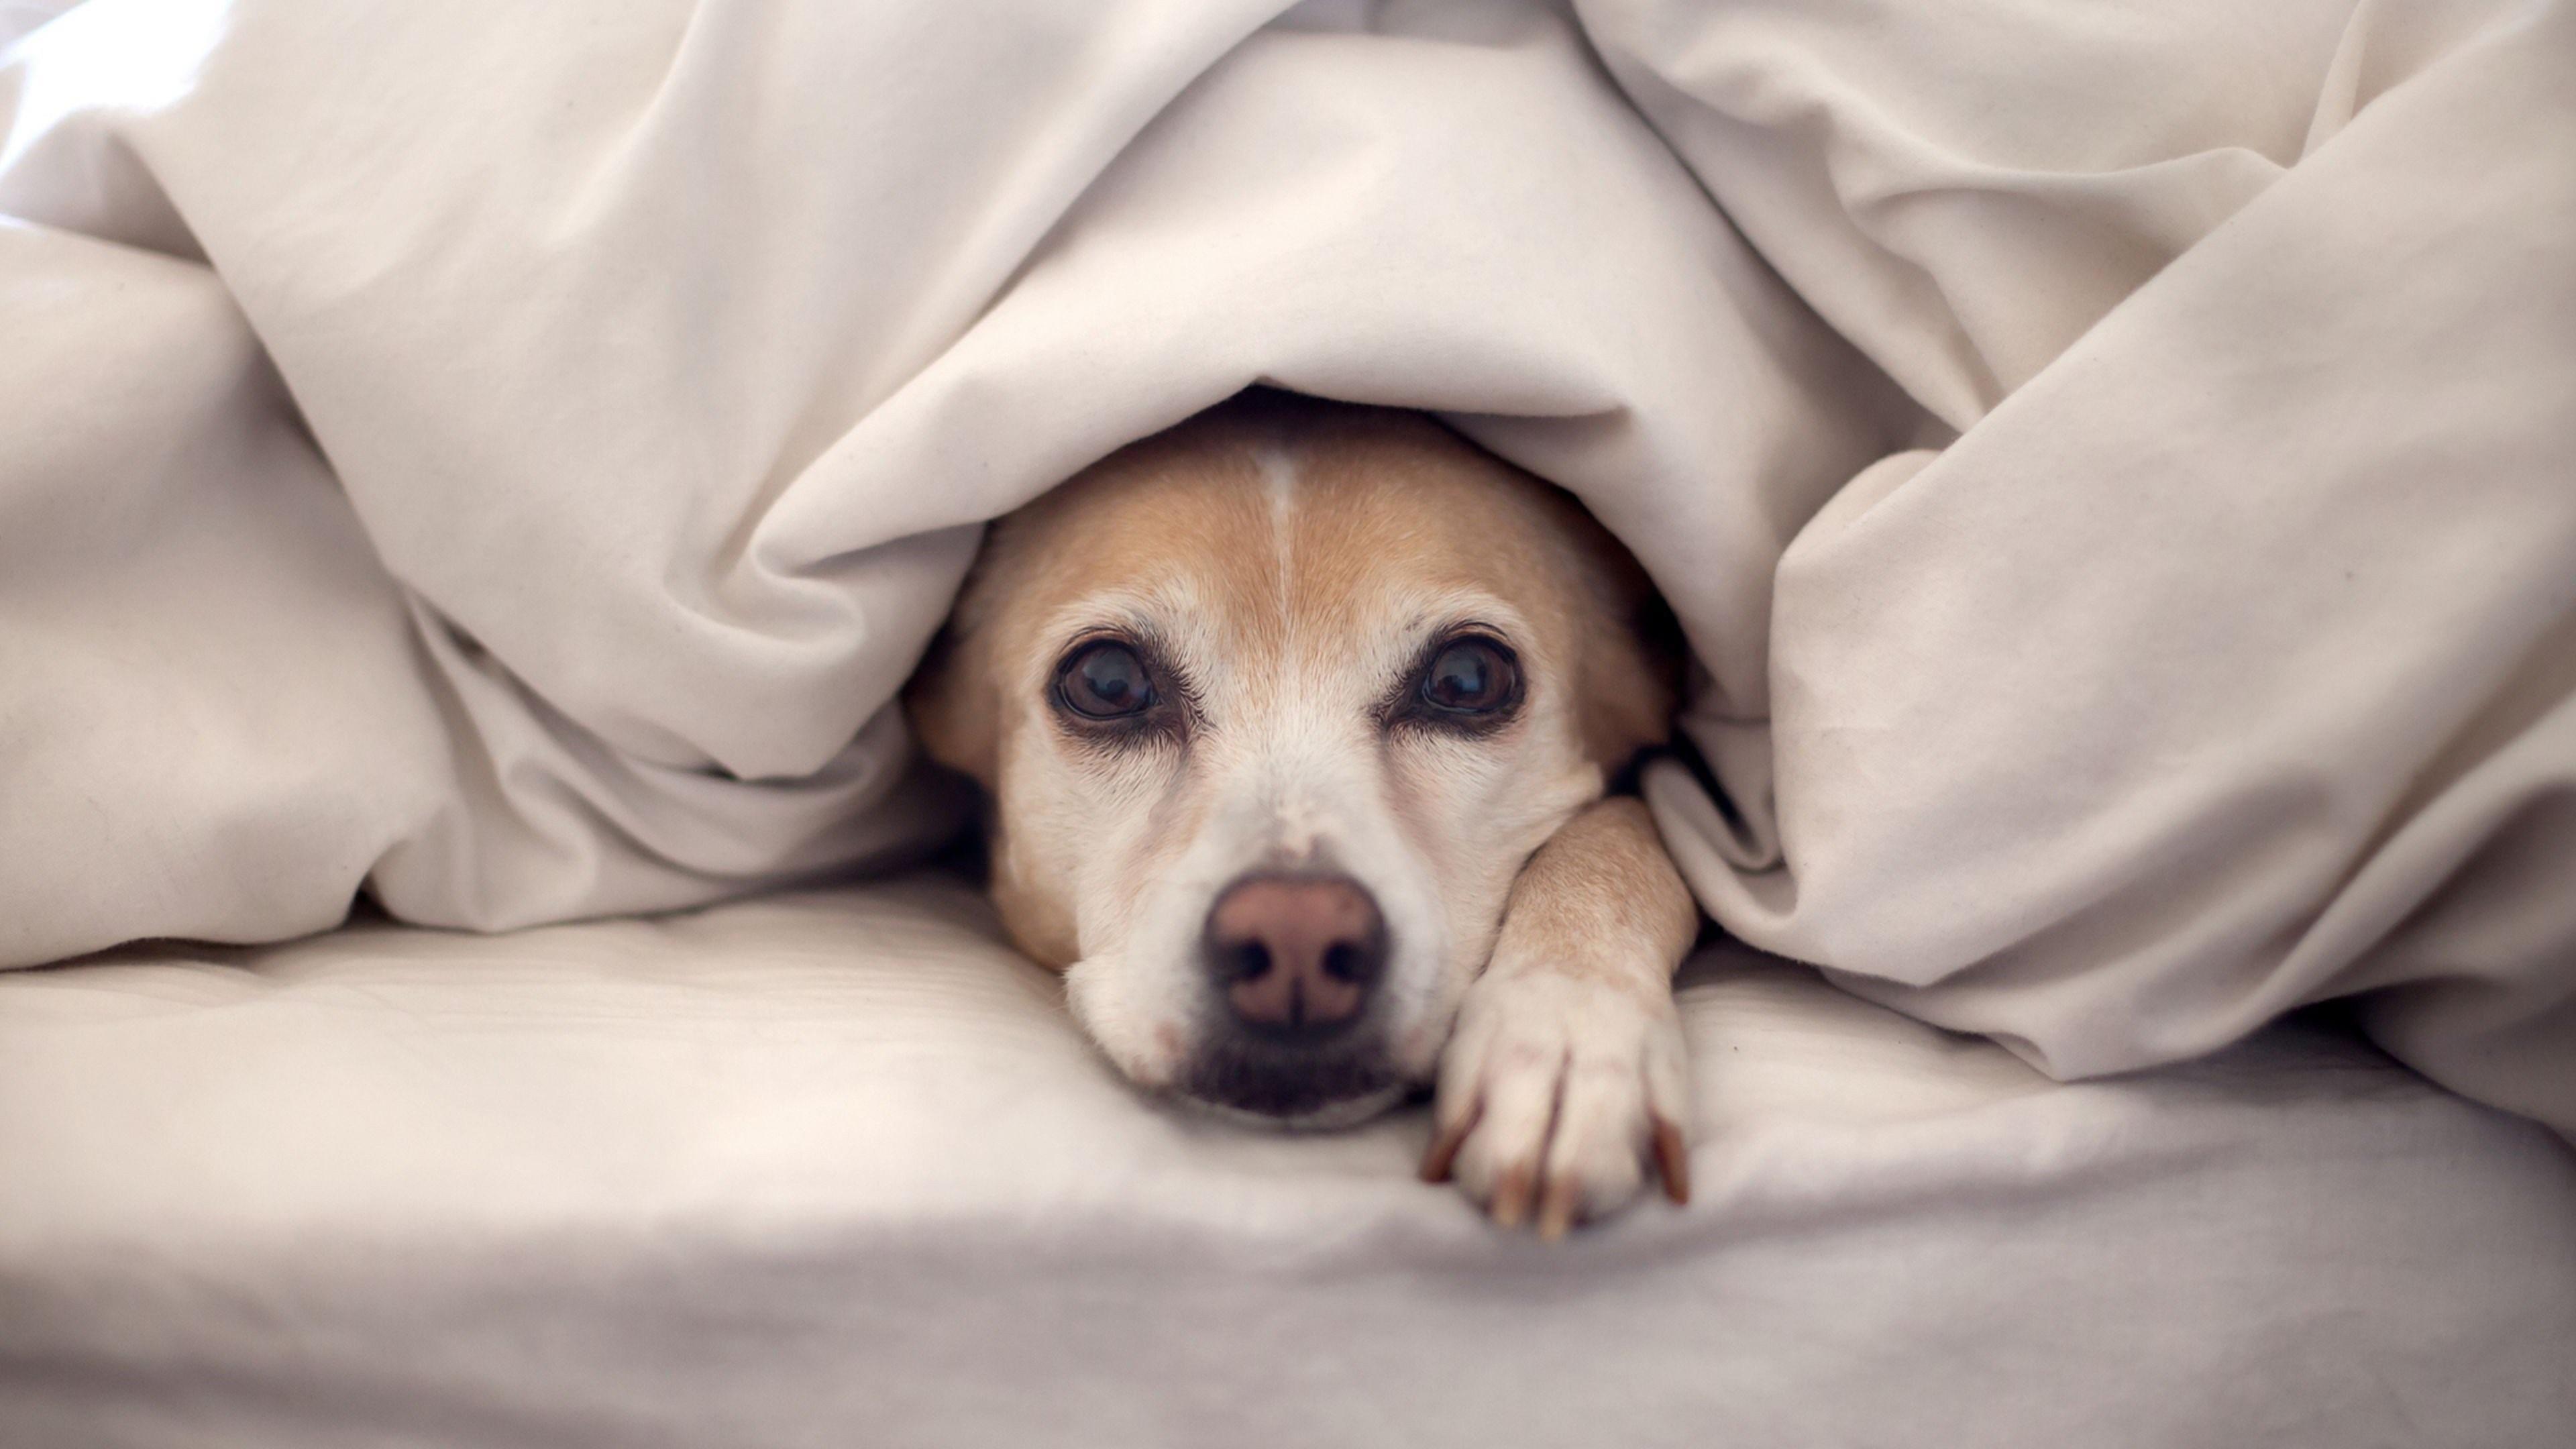 Hình nền máy tính chú chó dễ thương